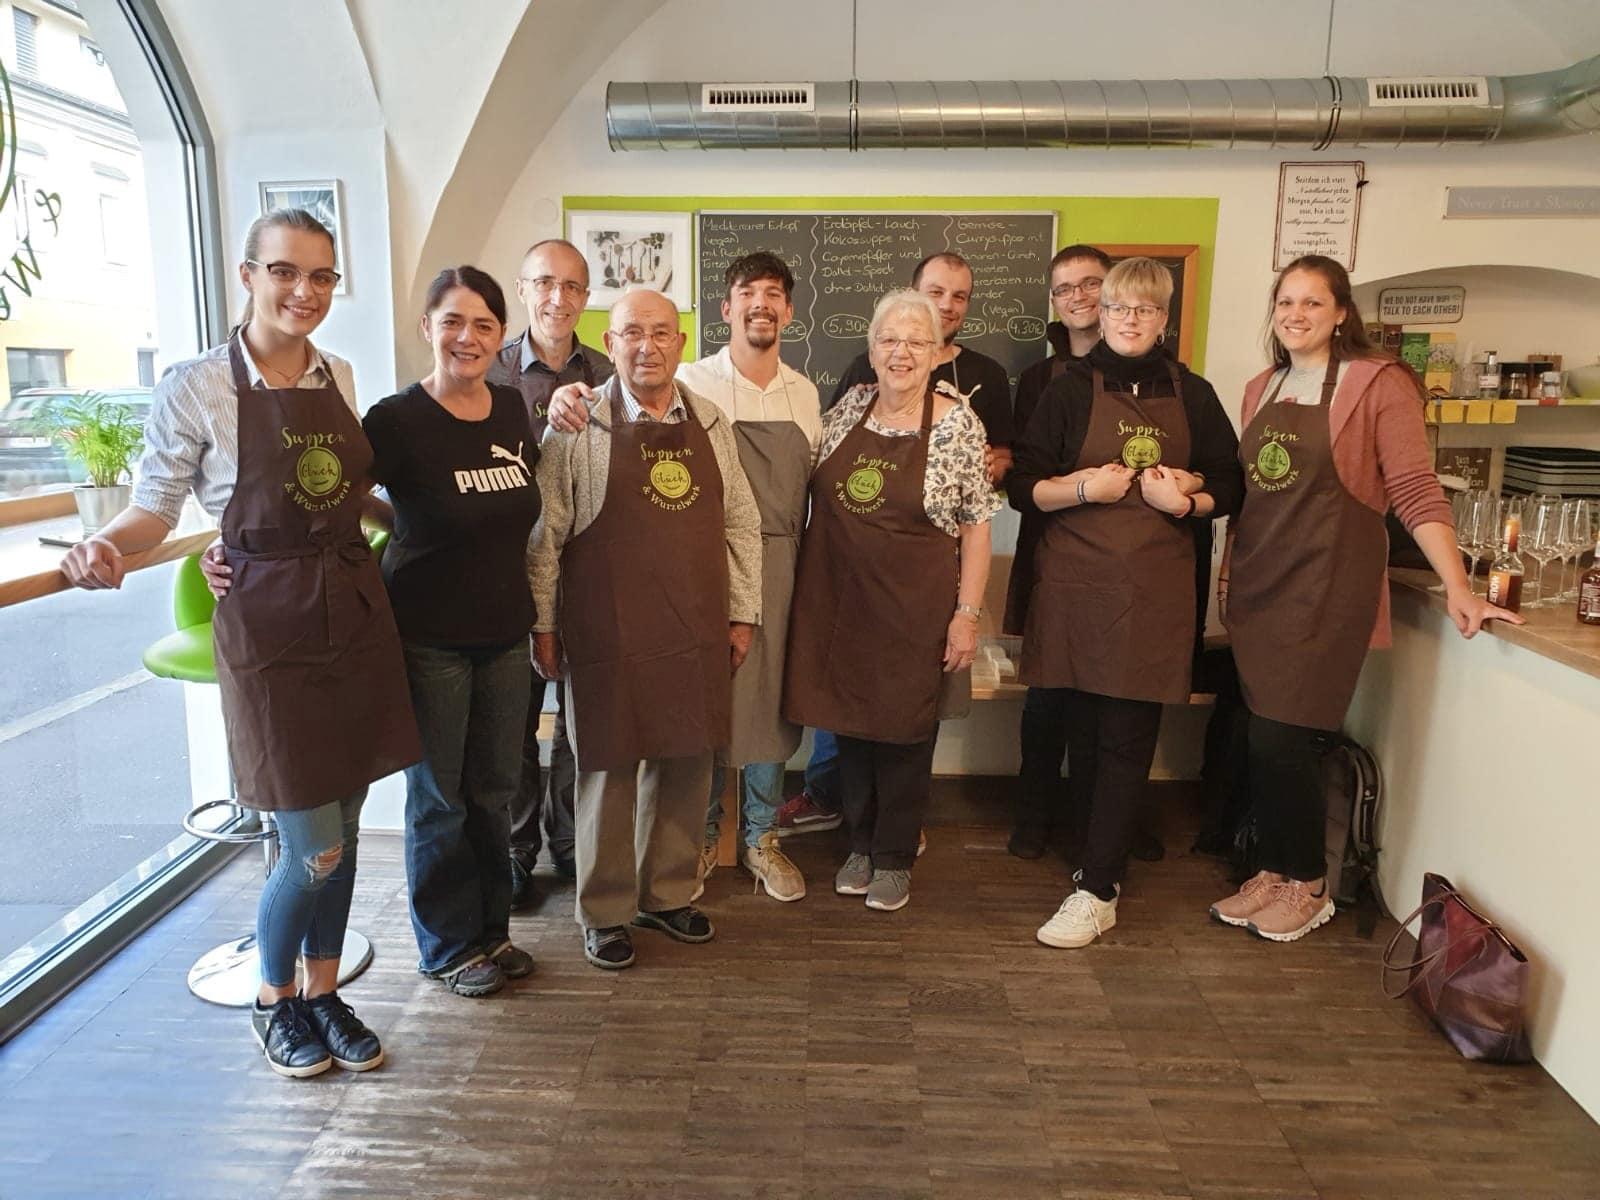 ein erfolgreicher Kochkurs bei Suppenglück in Klagenfurt, alle Teilnehmer strahlen in die Kamera und tragen Suppenglück-Kochschürzen